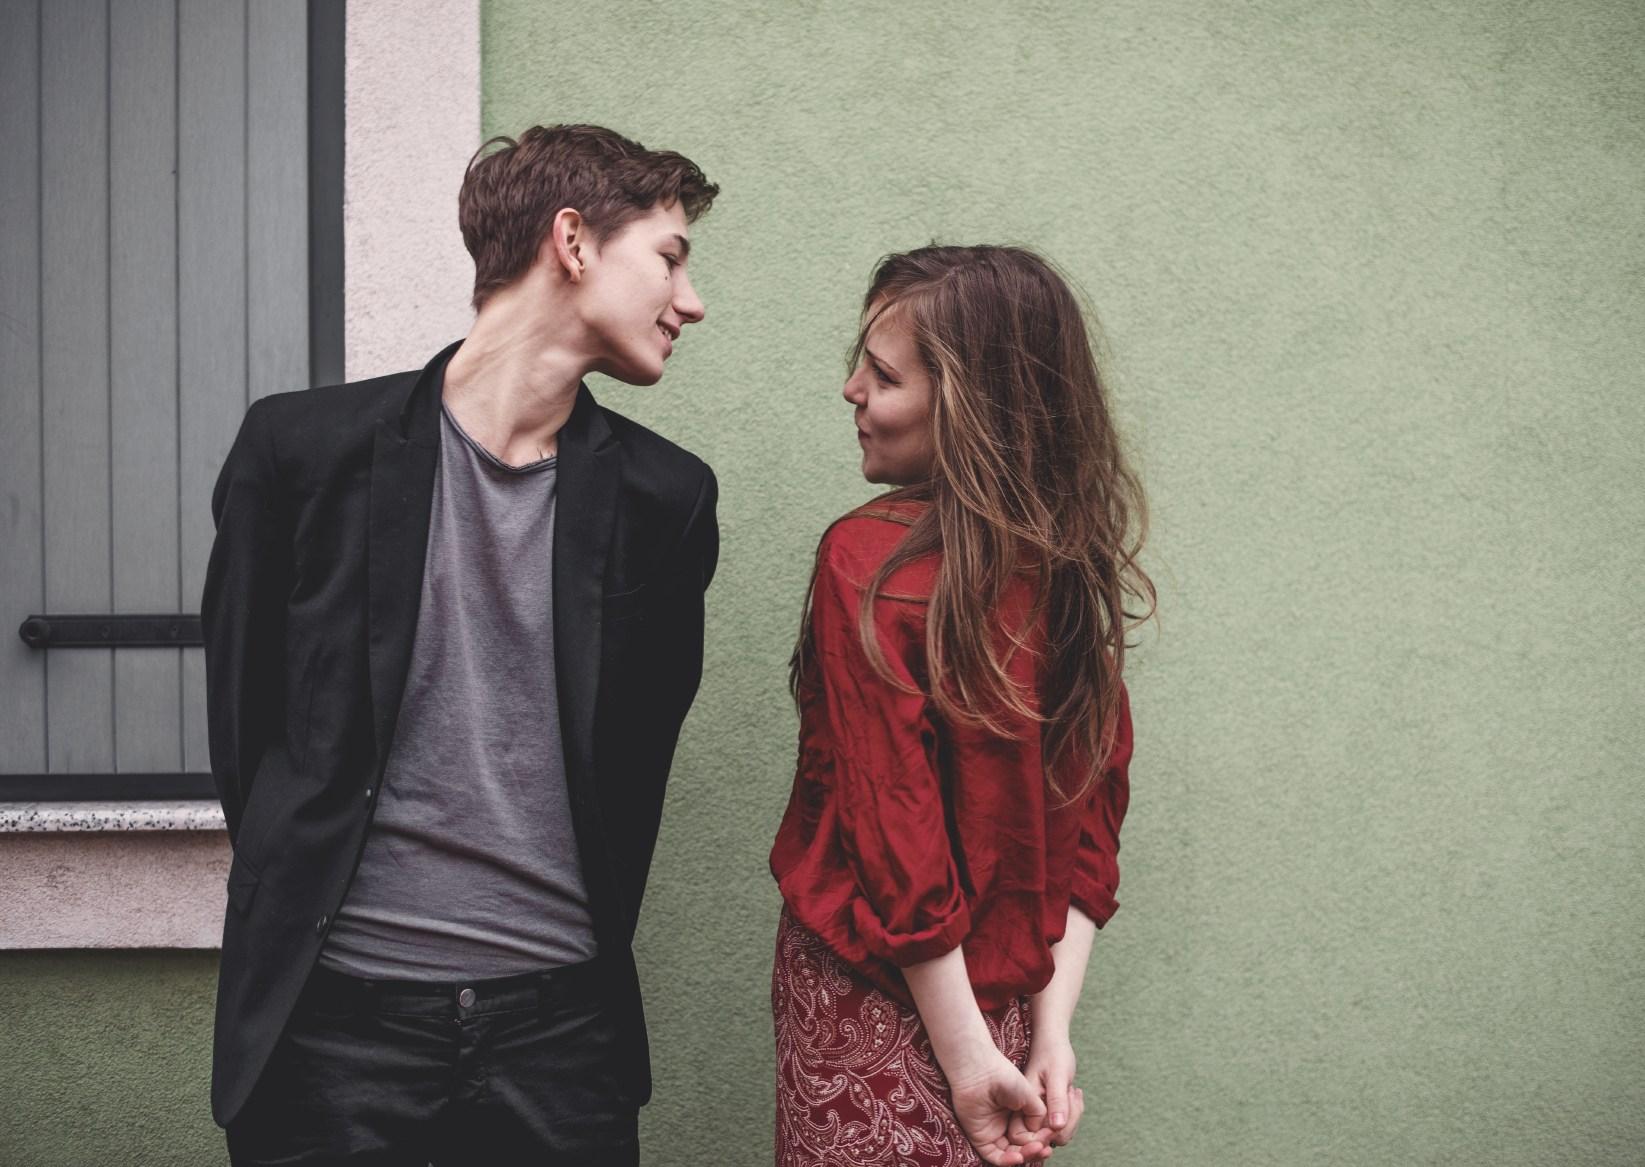 κολλέγιο dating κουλτούρα ιστορία γνωριμιών στο Διαδίκτυο επιτυχία